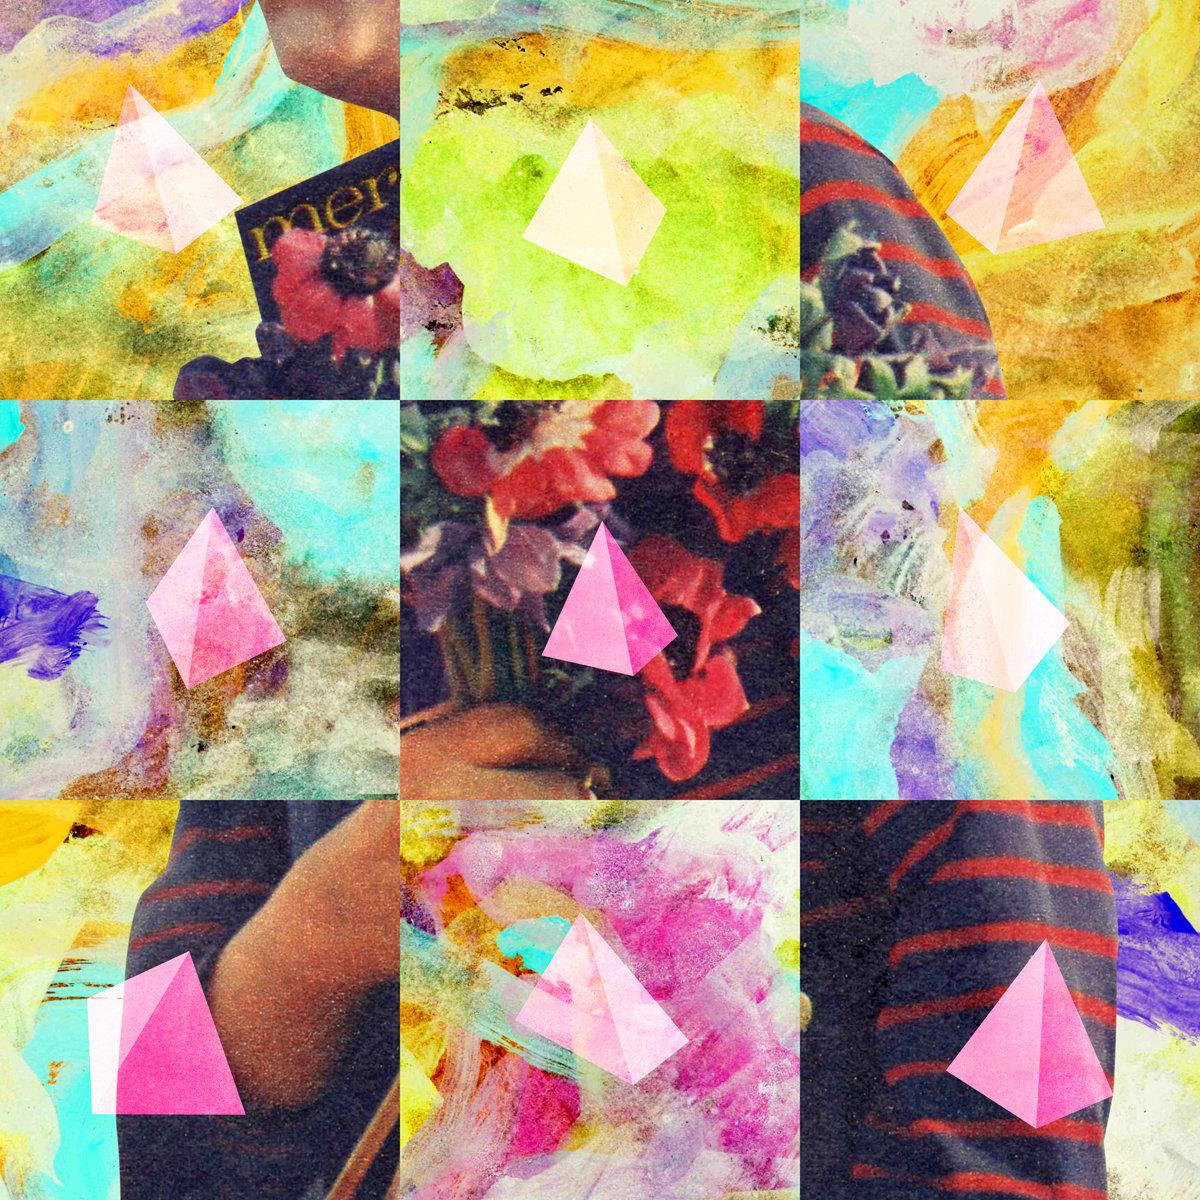 FOGPAK x SVNSET WAVES  /  Compilation  / March 28, 2014